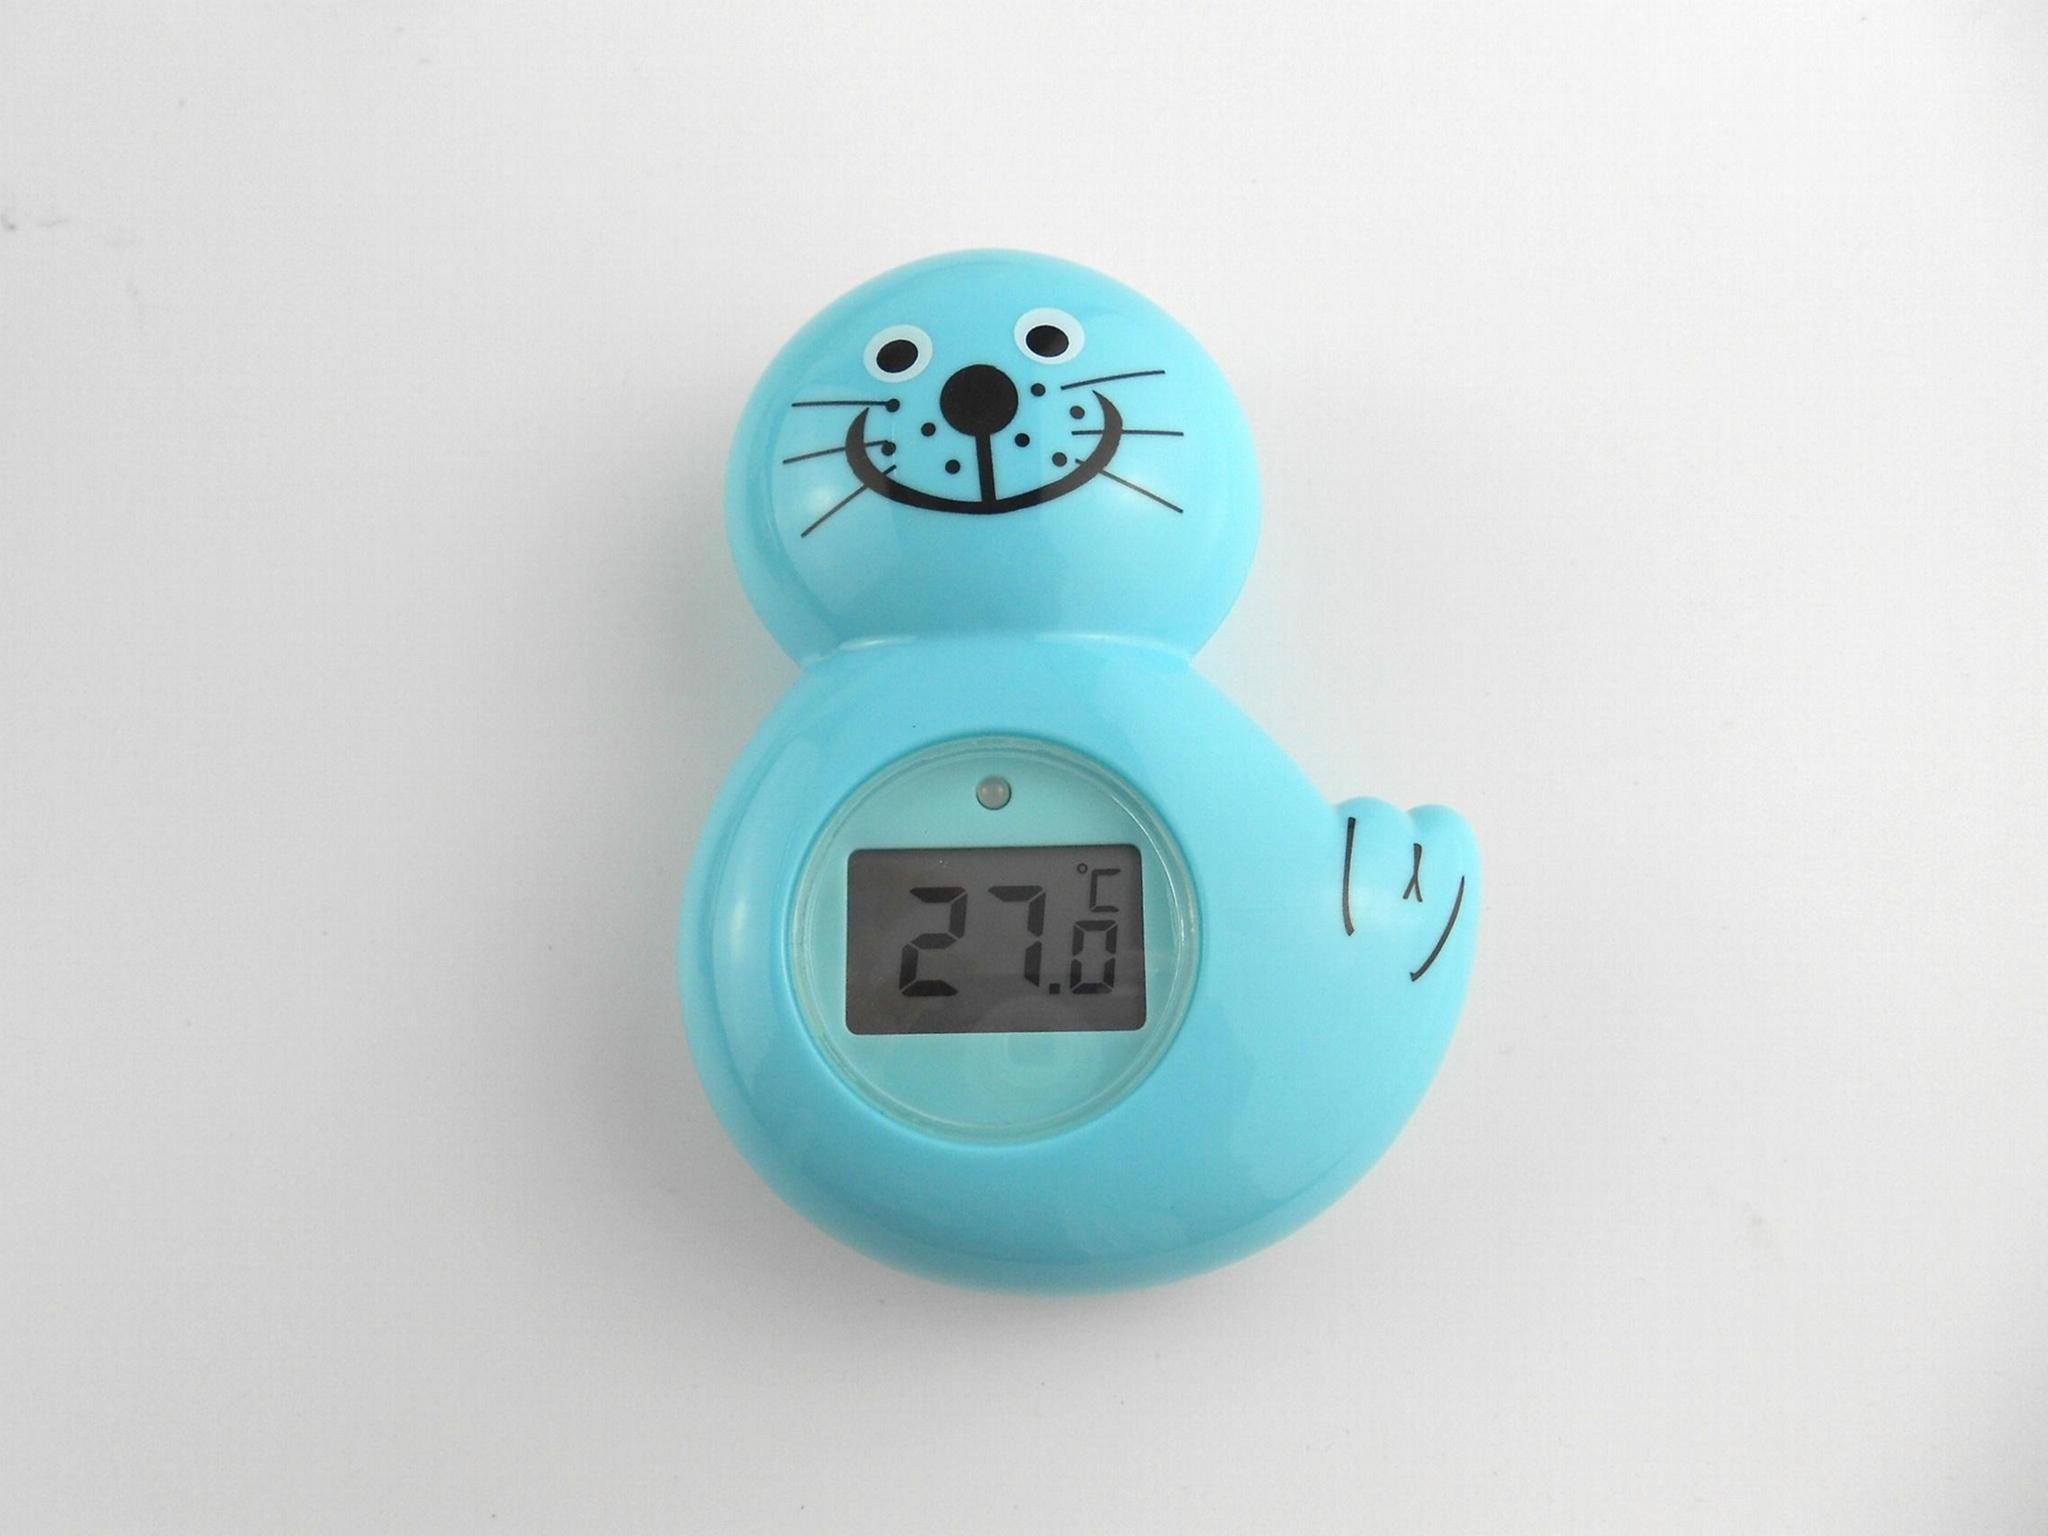 海狮浴缸室内两用温度计 4